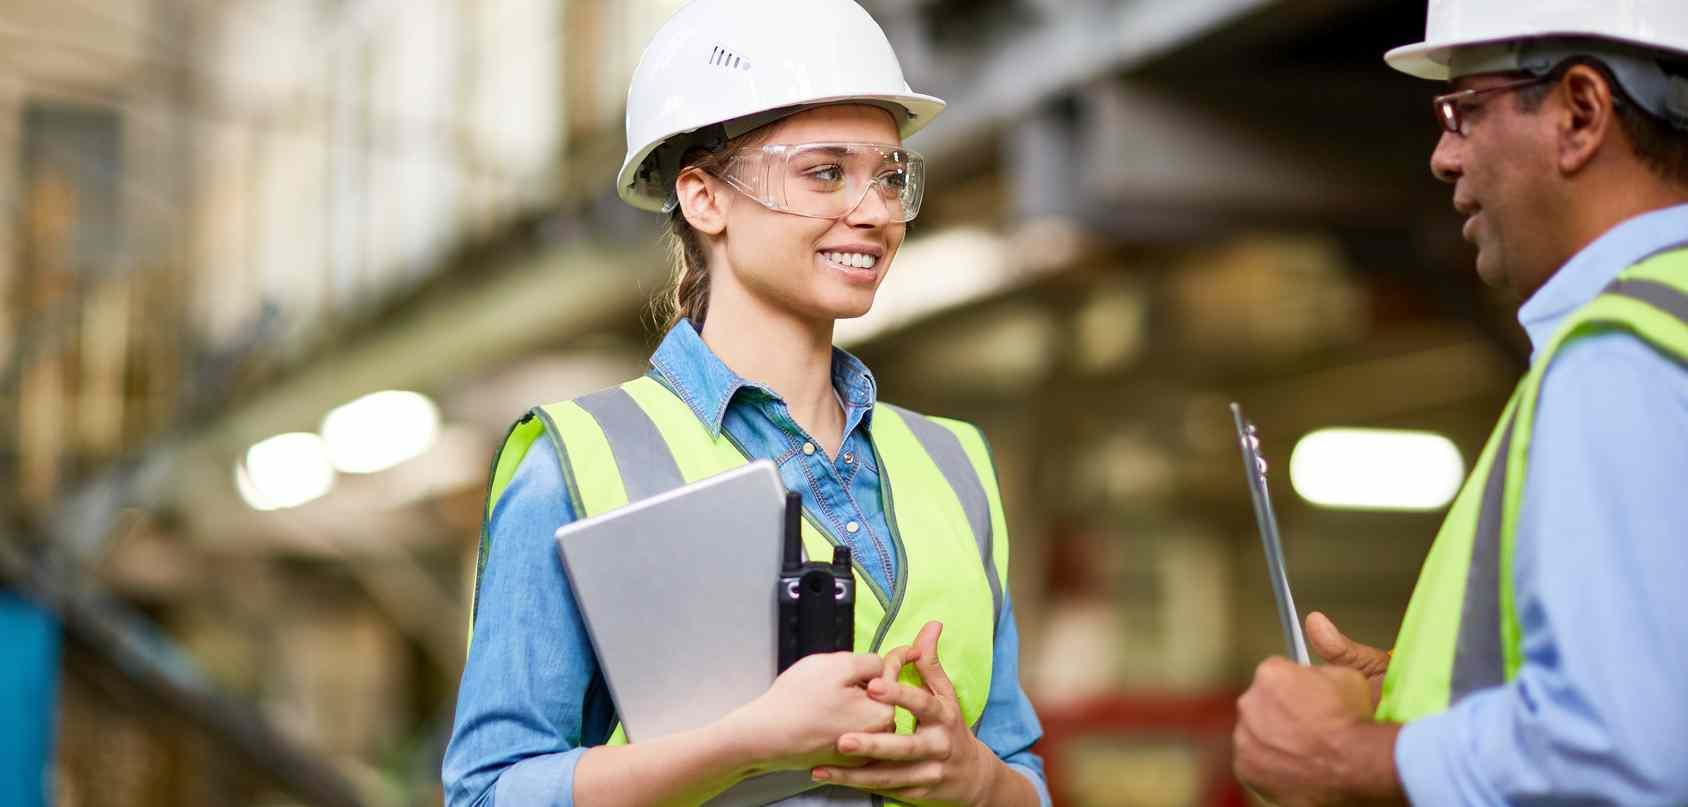 8_Manufacturing_Workforce_Development_Tips.jpg